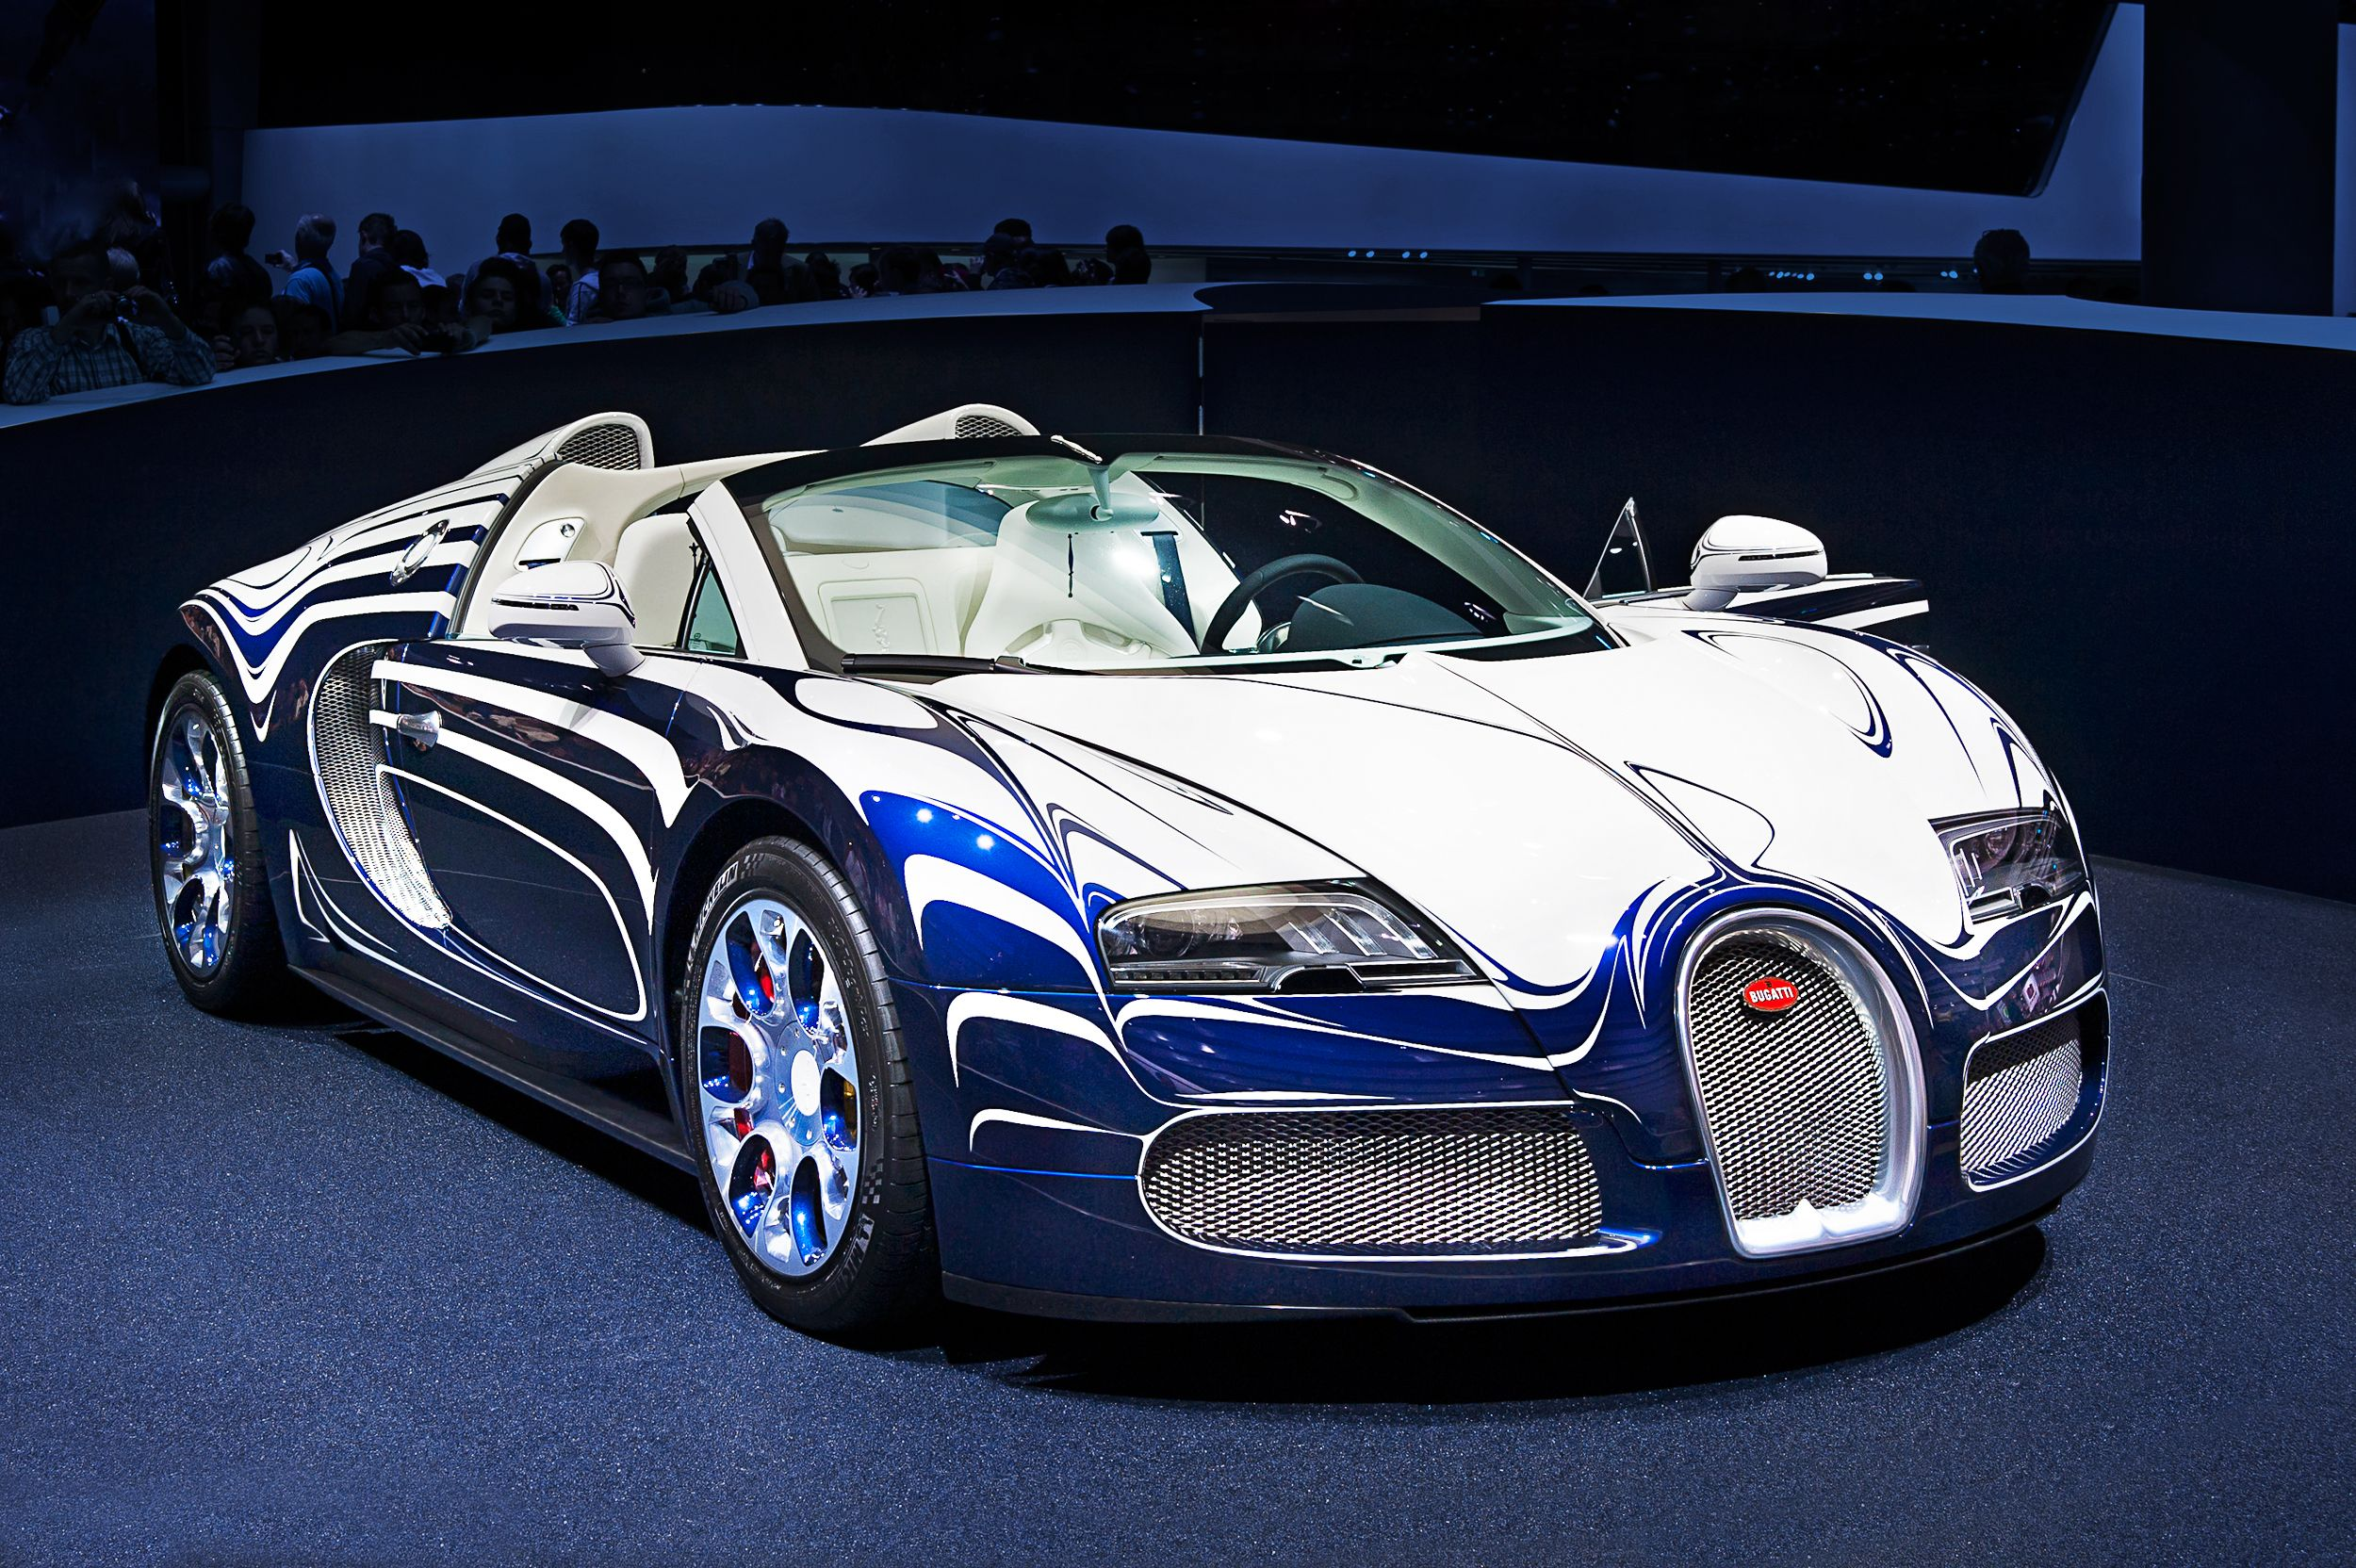 a0e7abe083c62ec40d0c772c676b0e4c Astounding Bugatti Veyron Grand Sport Vitesse Geschwindigkeit Cars Trend